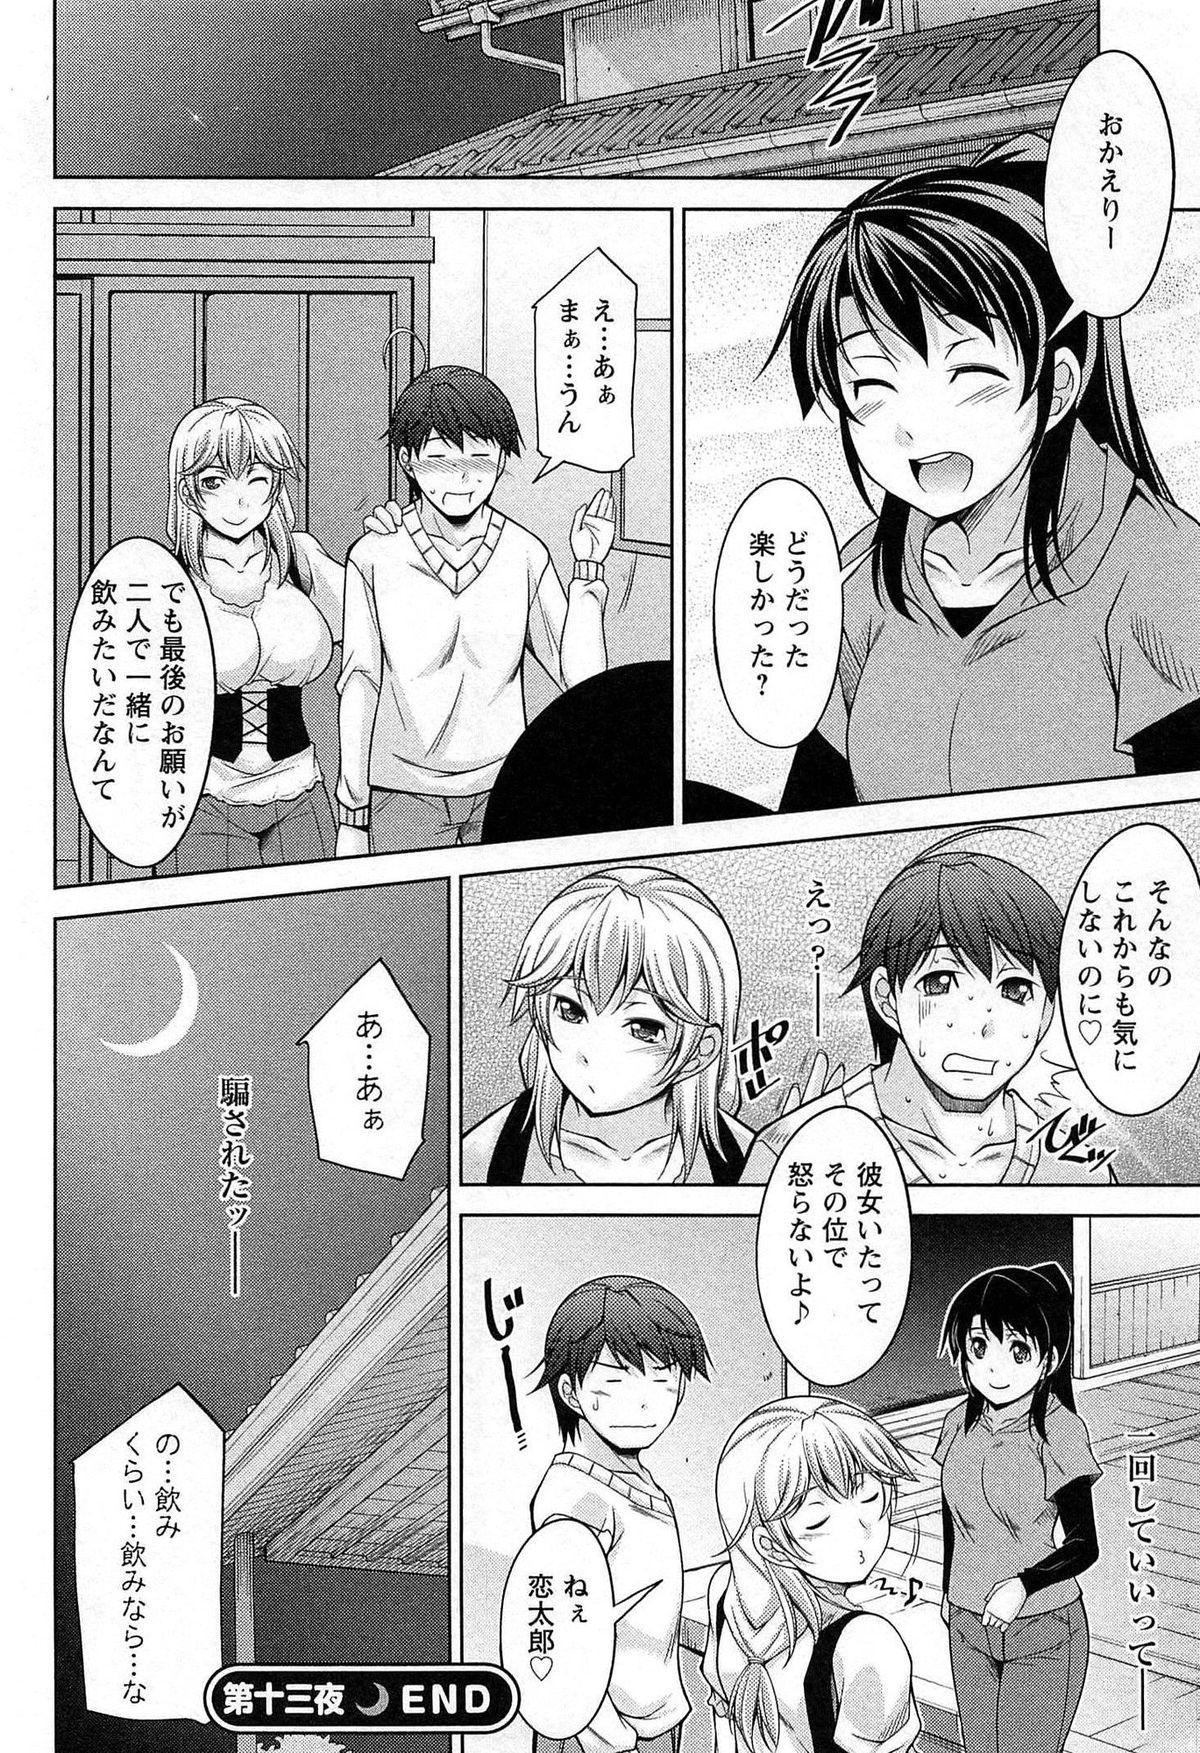 [zen9] Tsuki-wo Ai-Shite - Tsuki-ni Koi-shite 2 78